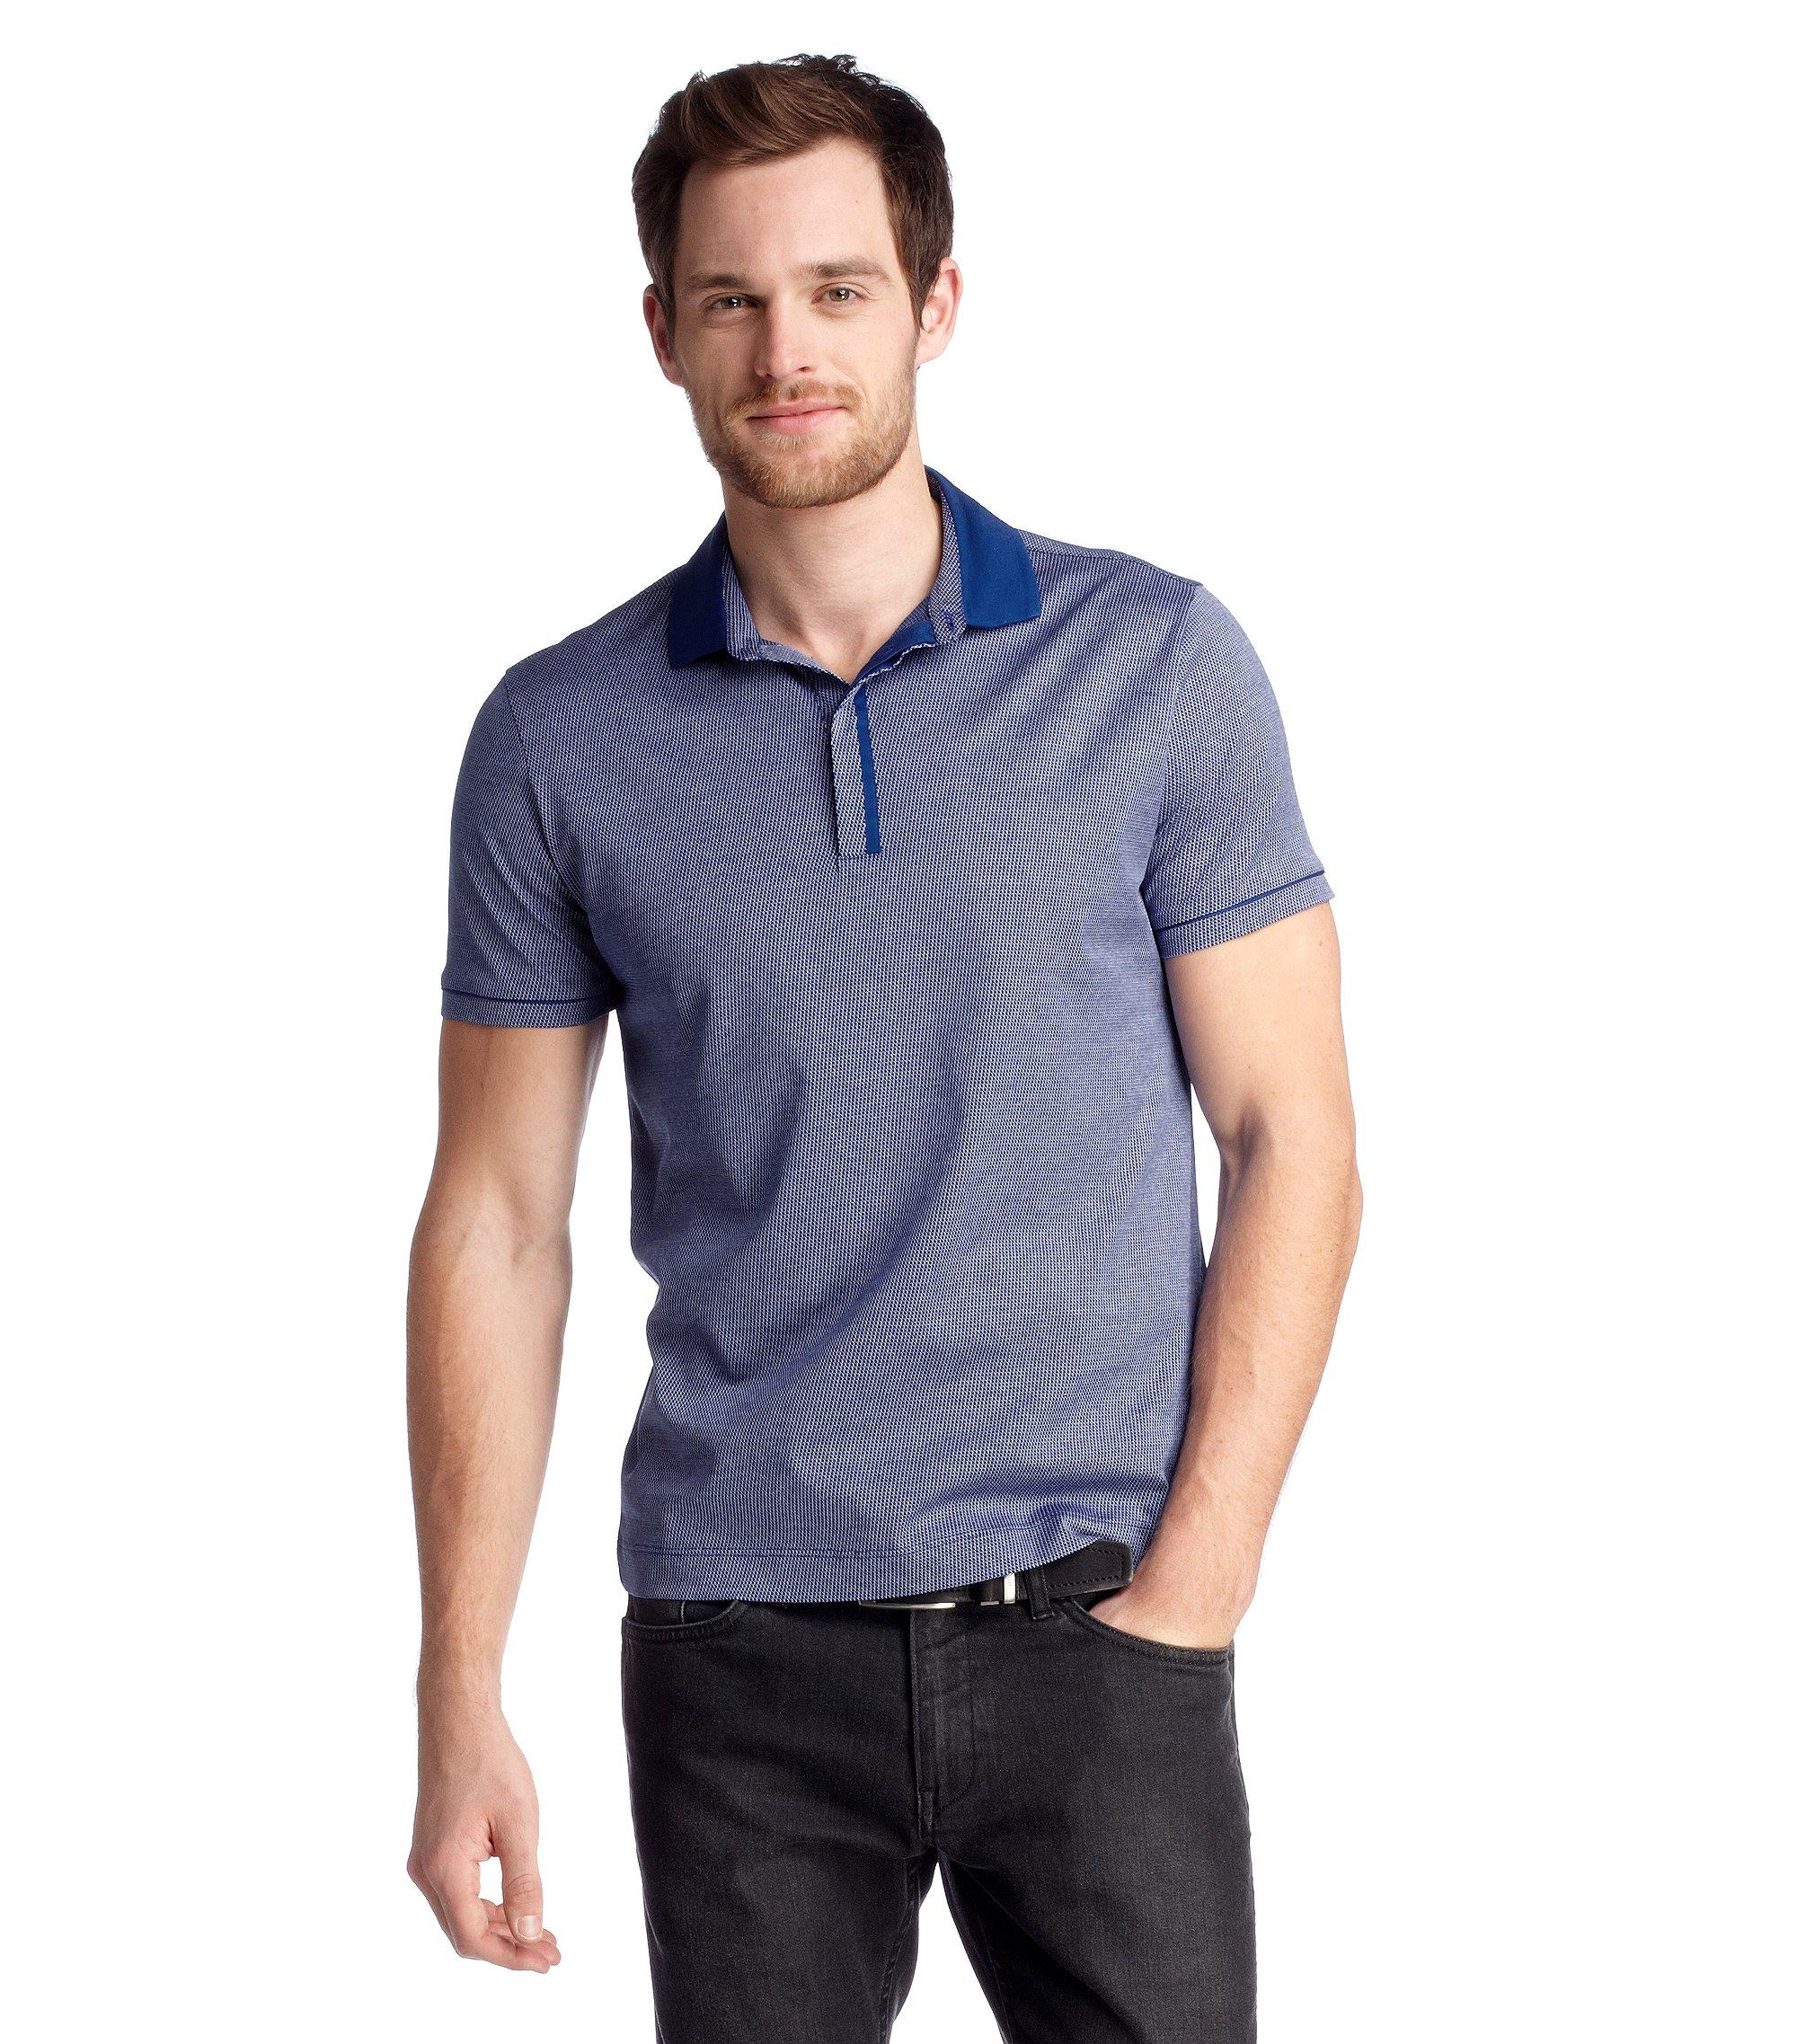 Regular-Fit Polo ´Bellano 08` mit Allover-Muster, Blau